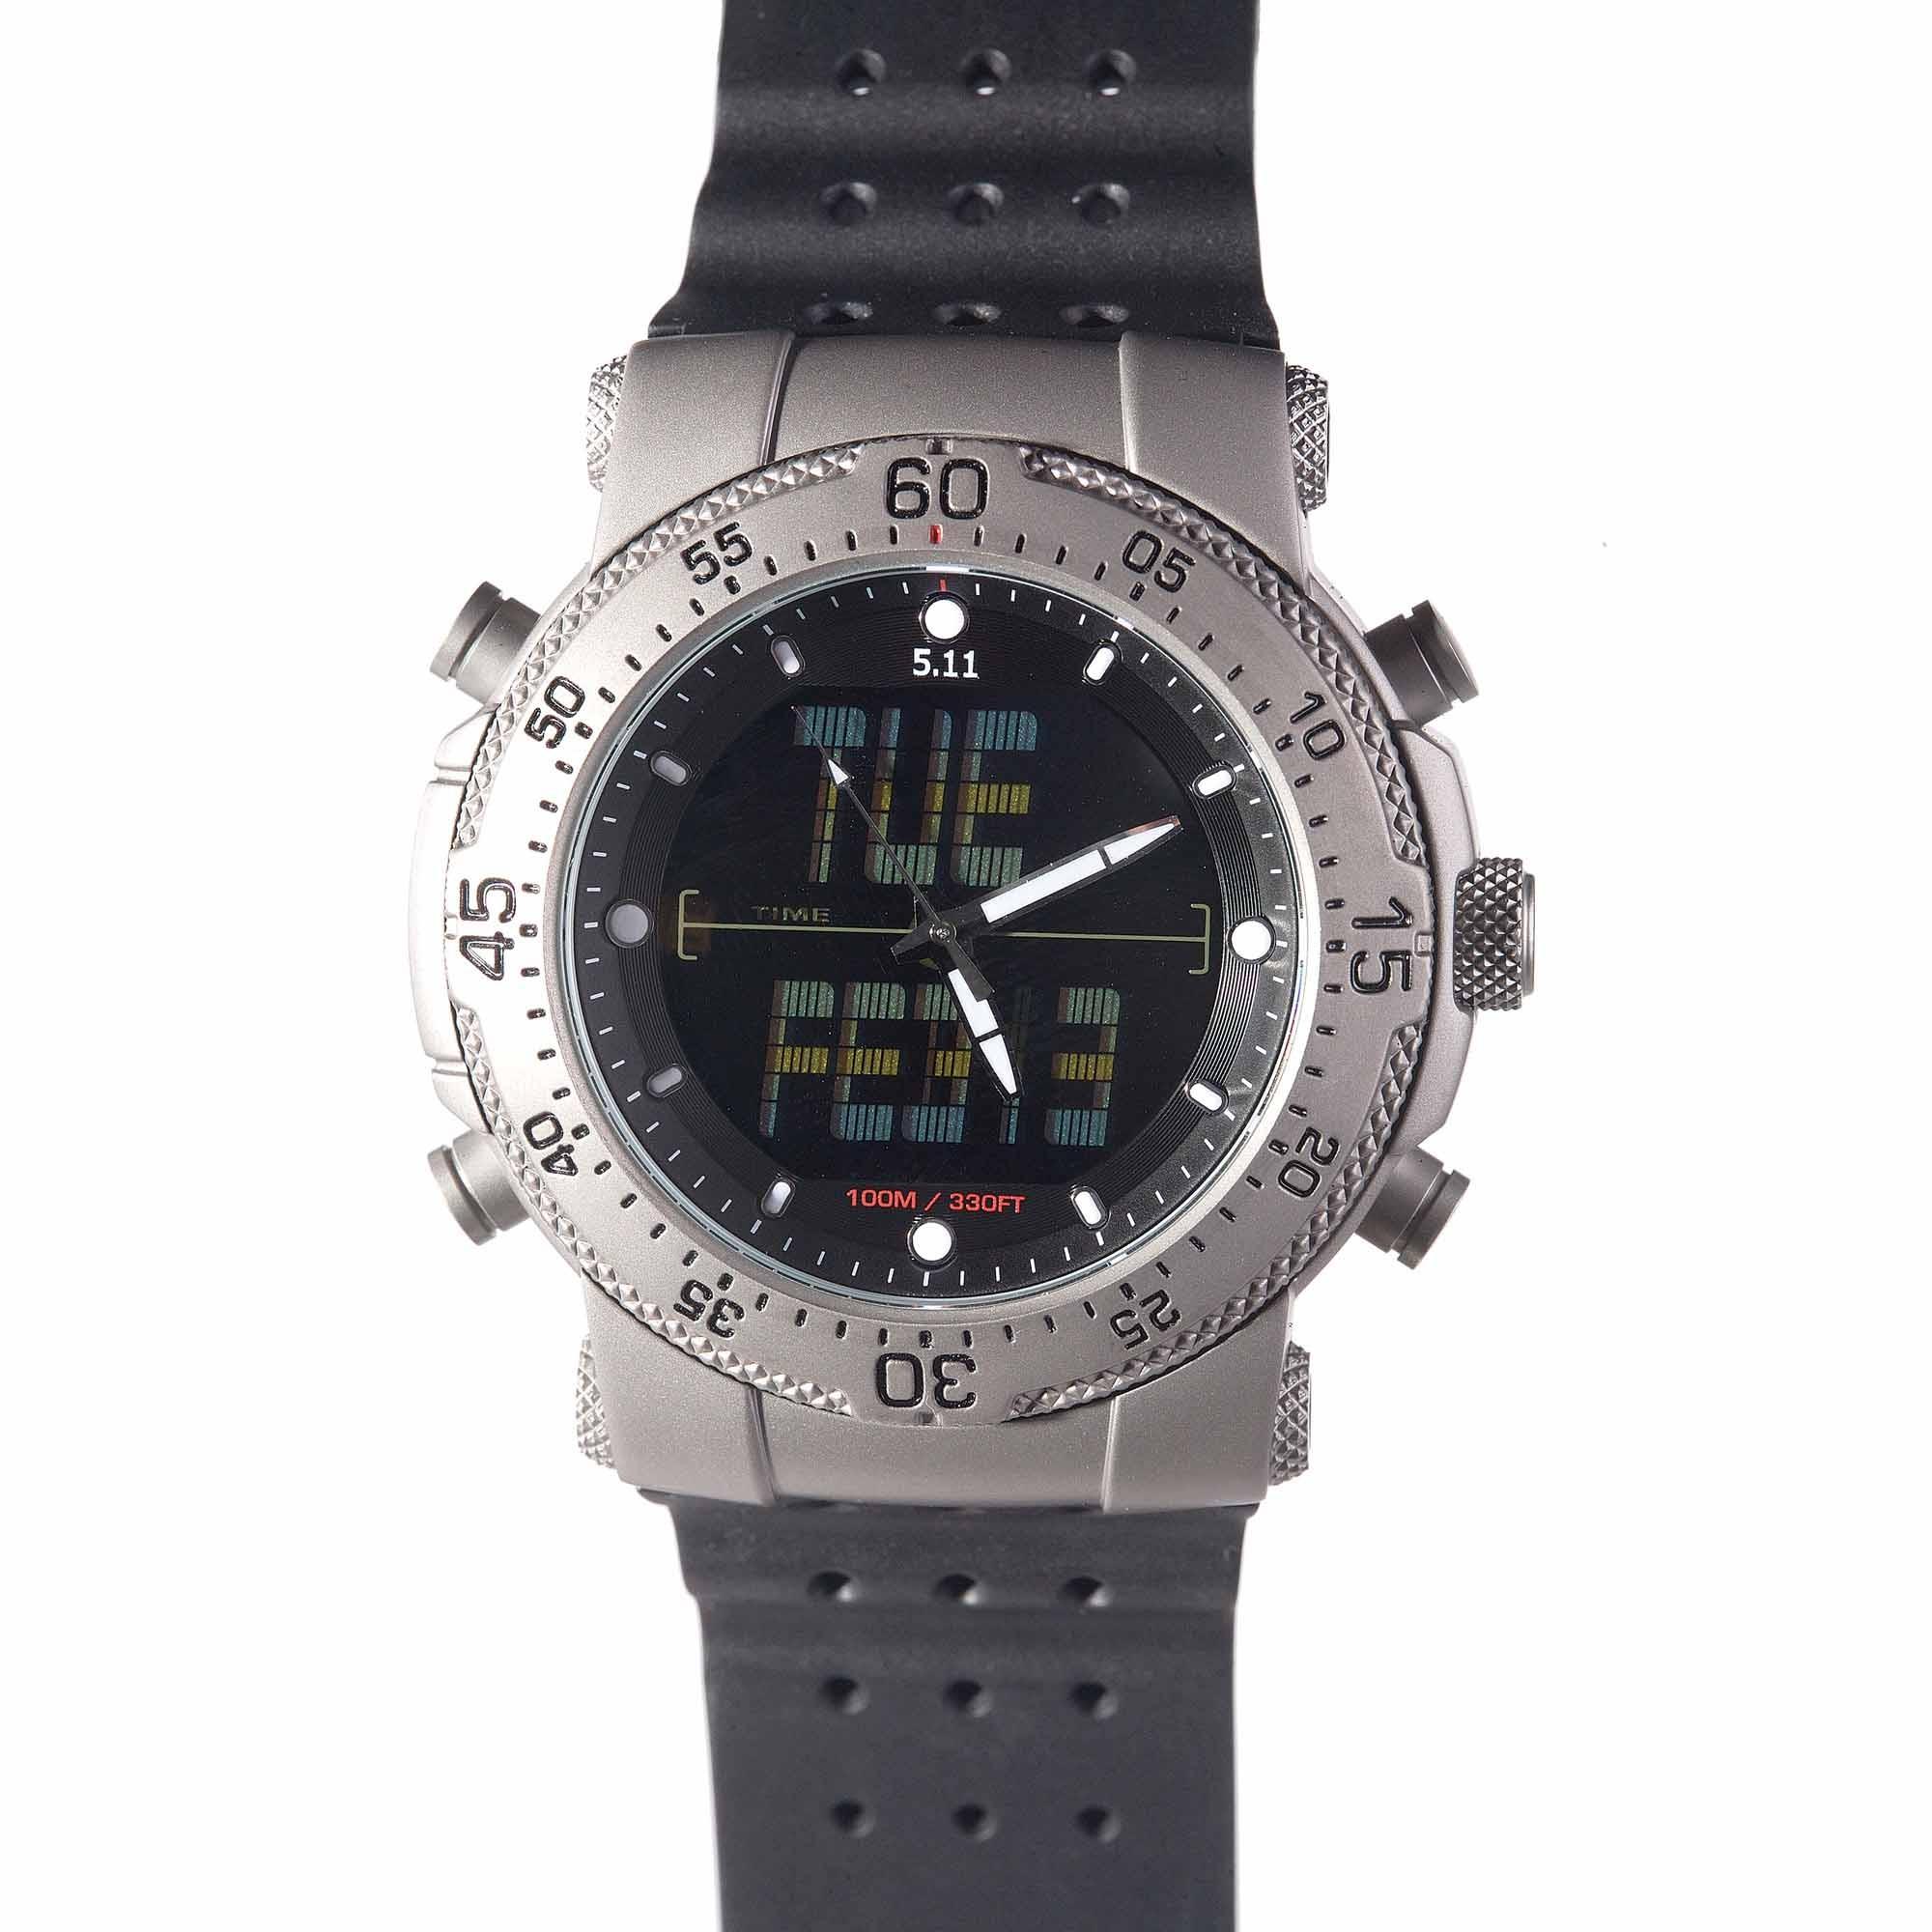 Купить часы 511 тактические как снять стекло на наручные часы